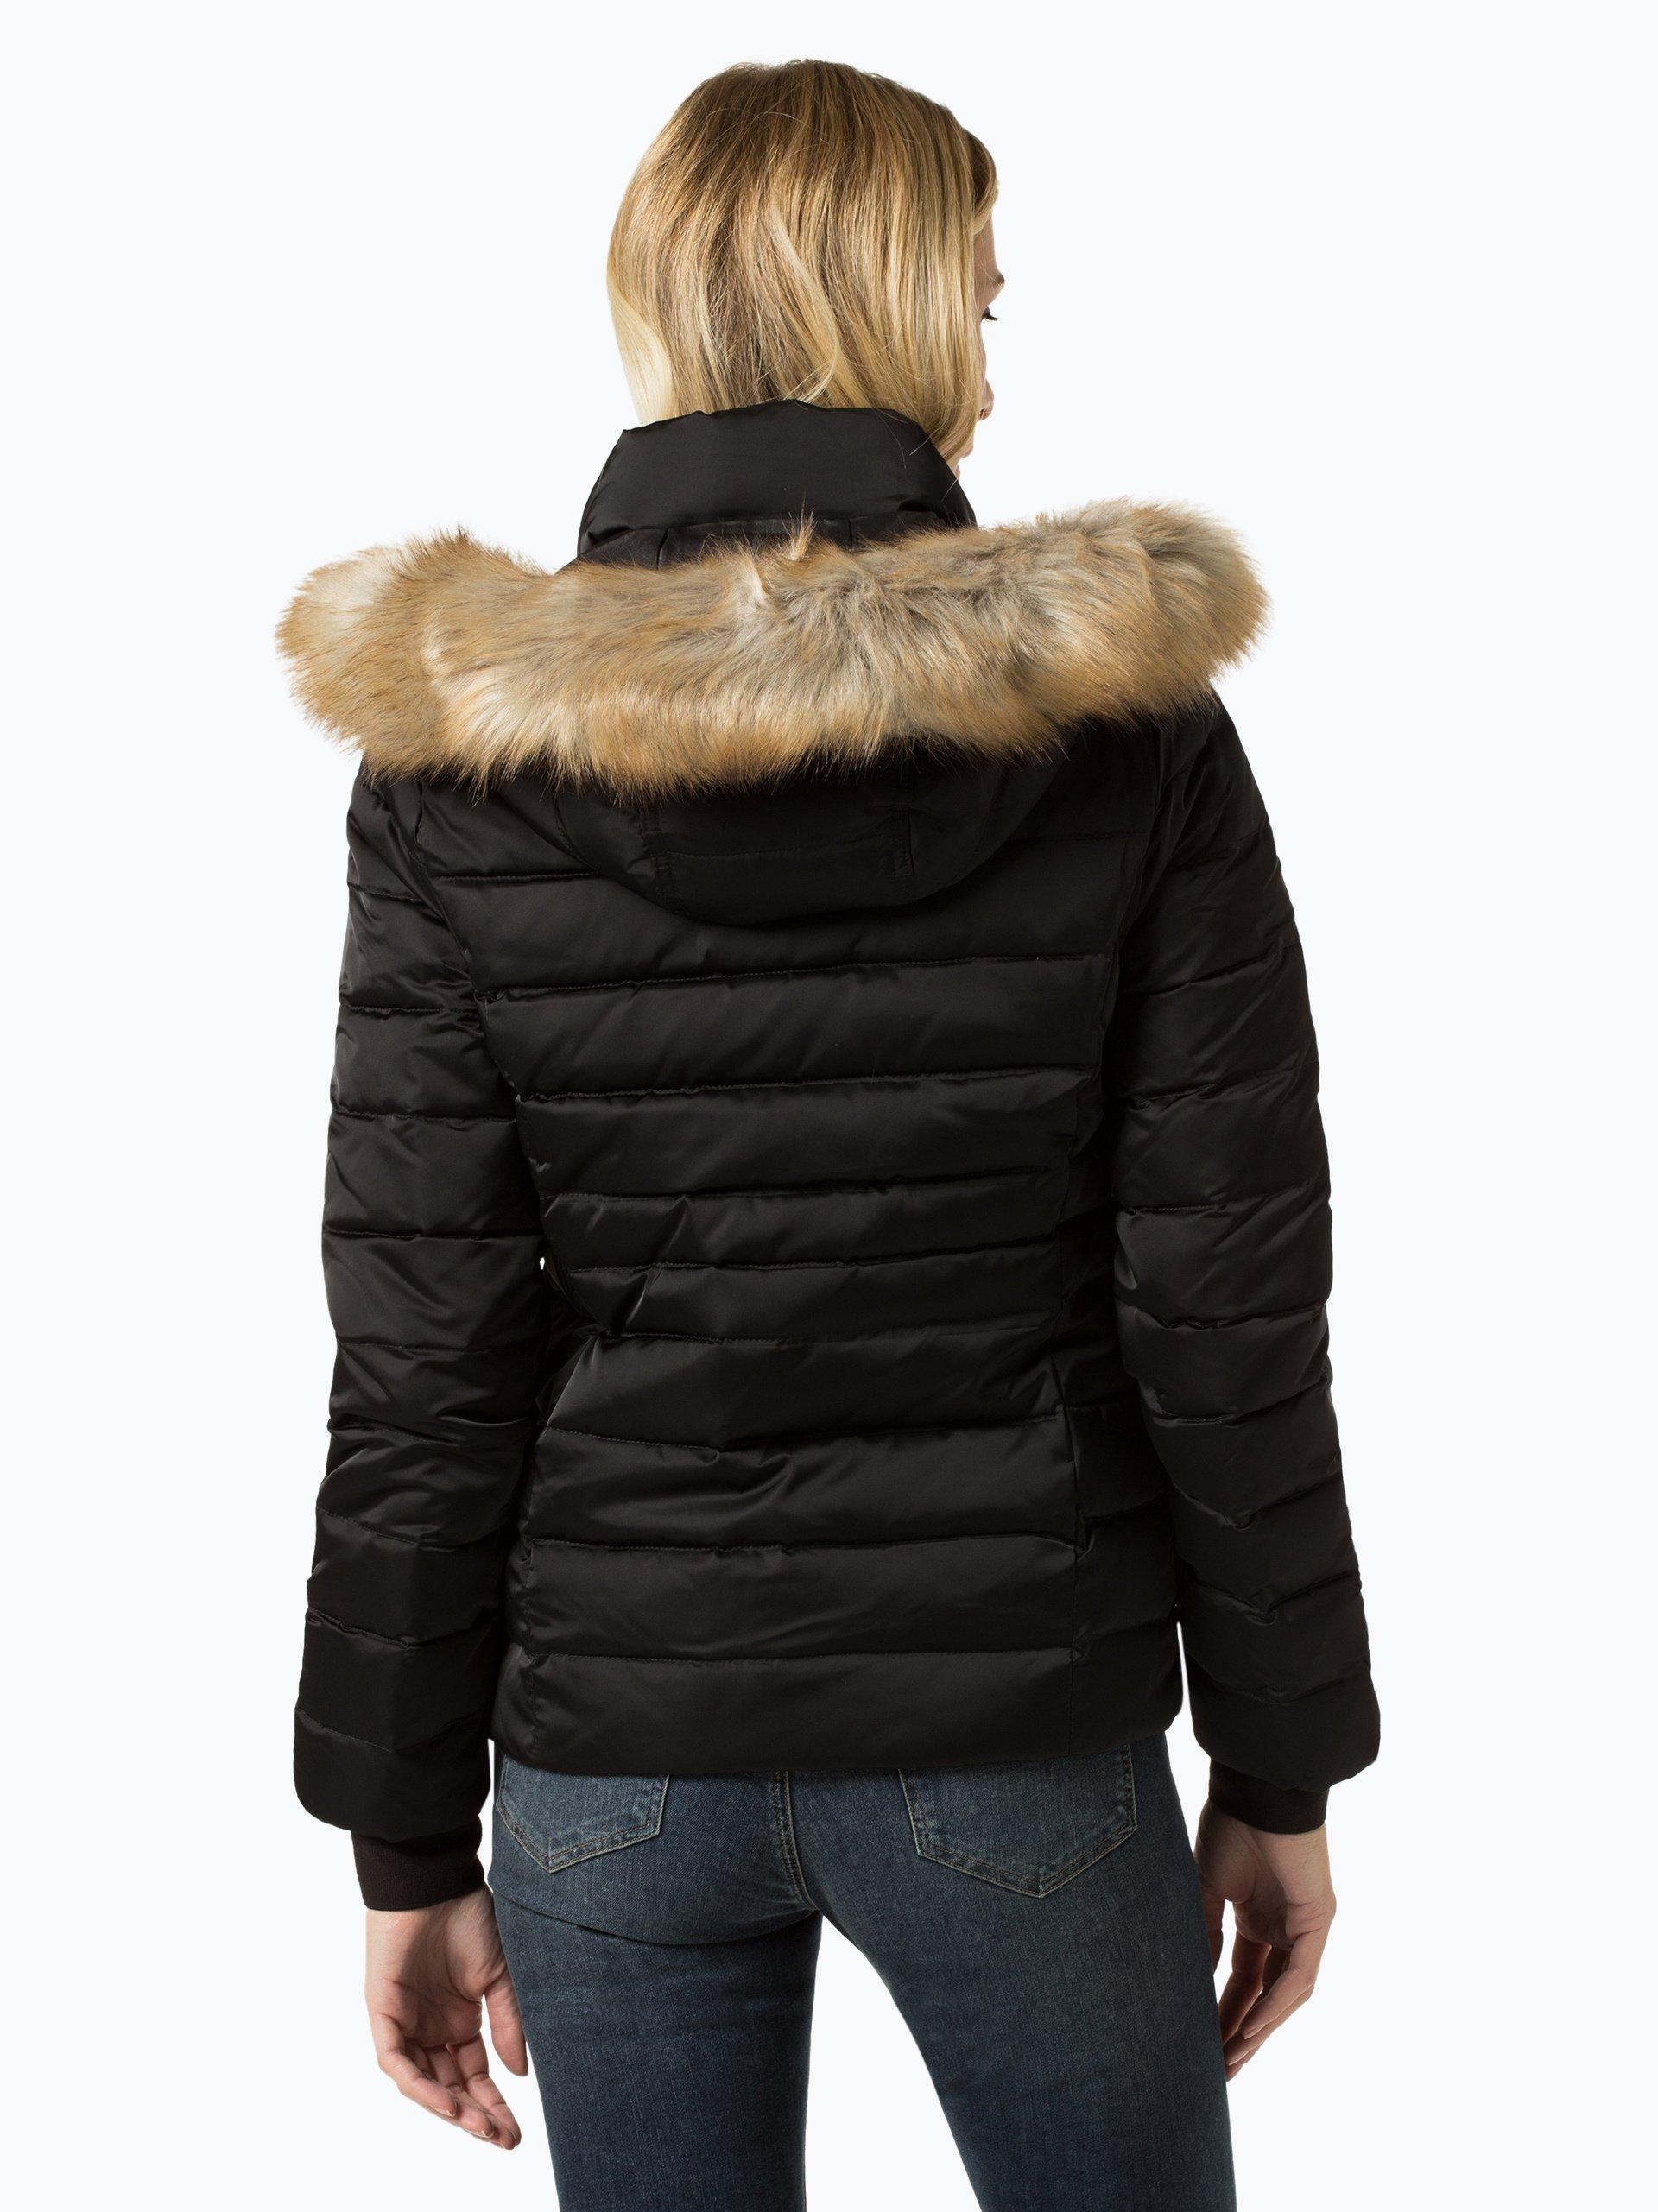 calvin klein jeans damen daunenjacke schwarz uni online kaufen peek und cloppenburg de. Black Bedroom Furniture Sets. Home Design Ideas